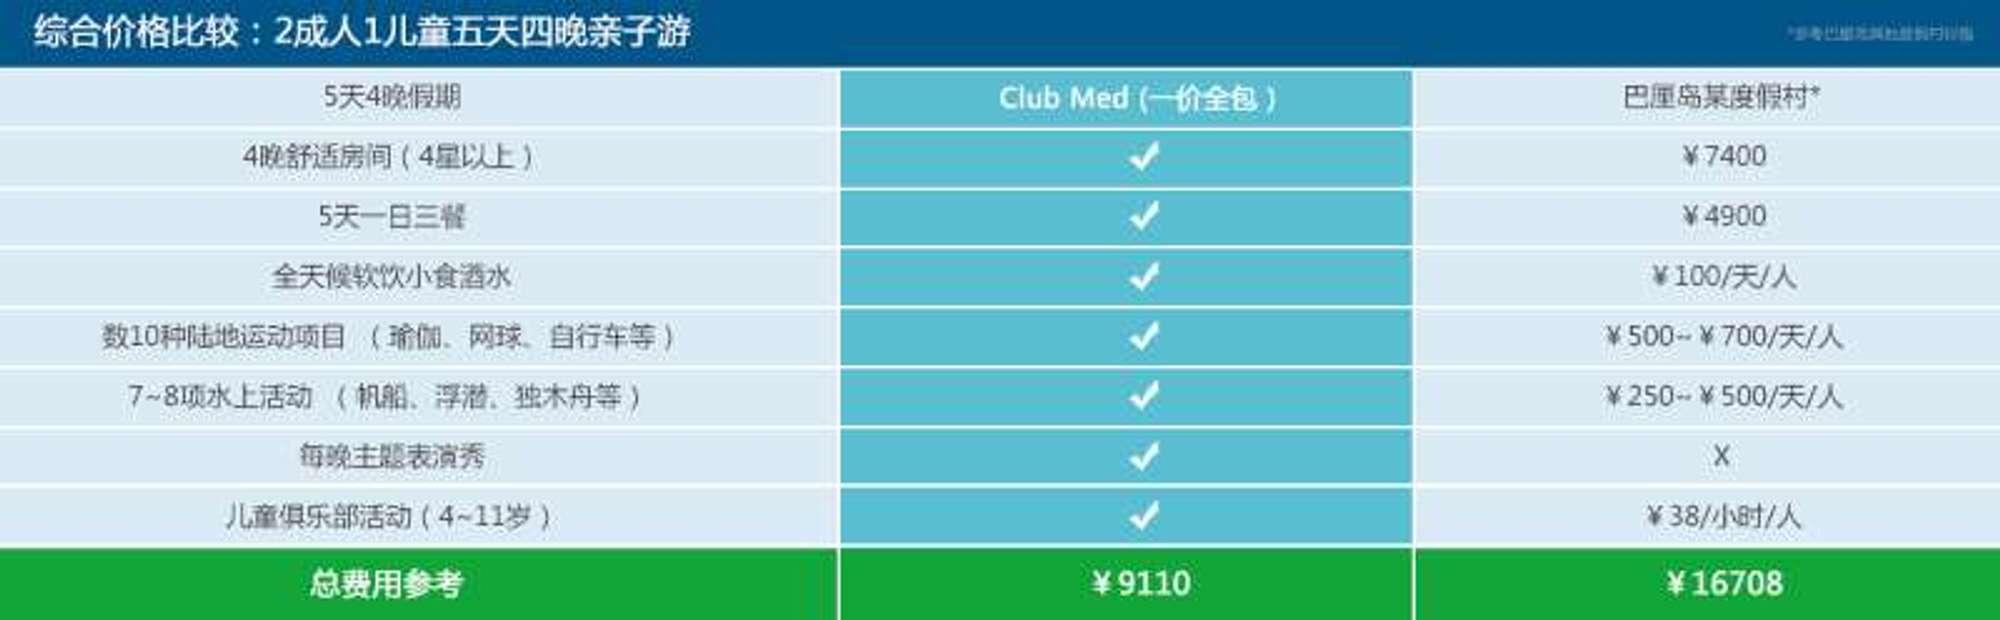 Club Med石垣岛一价全包服务内容